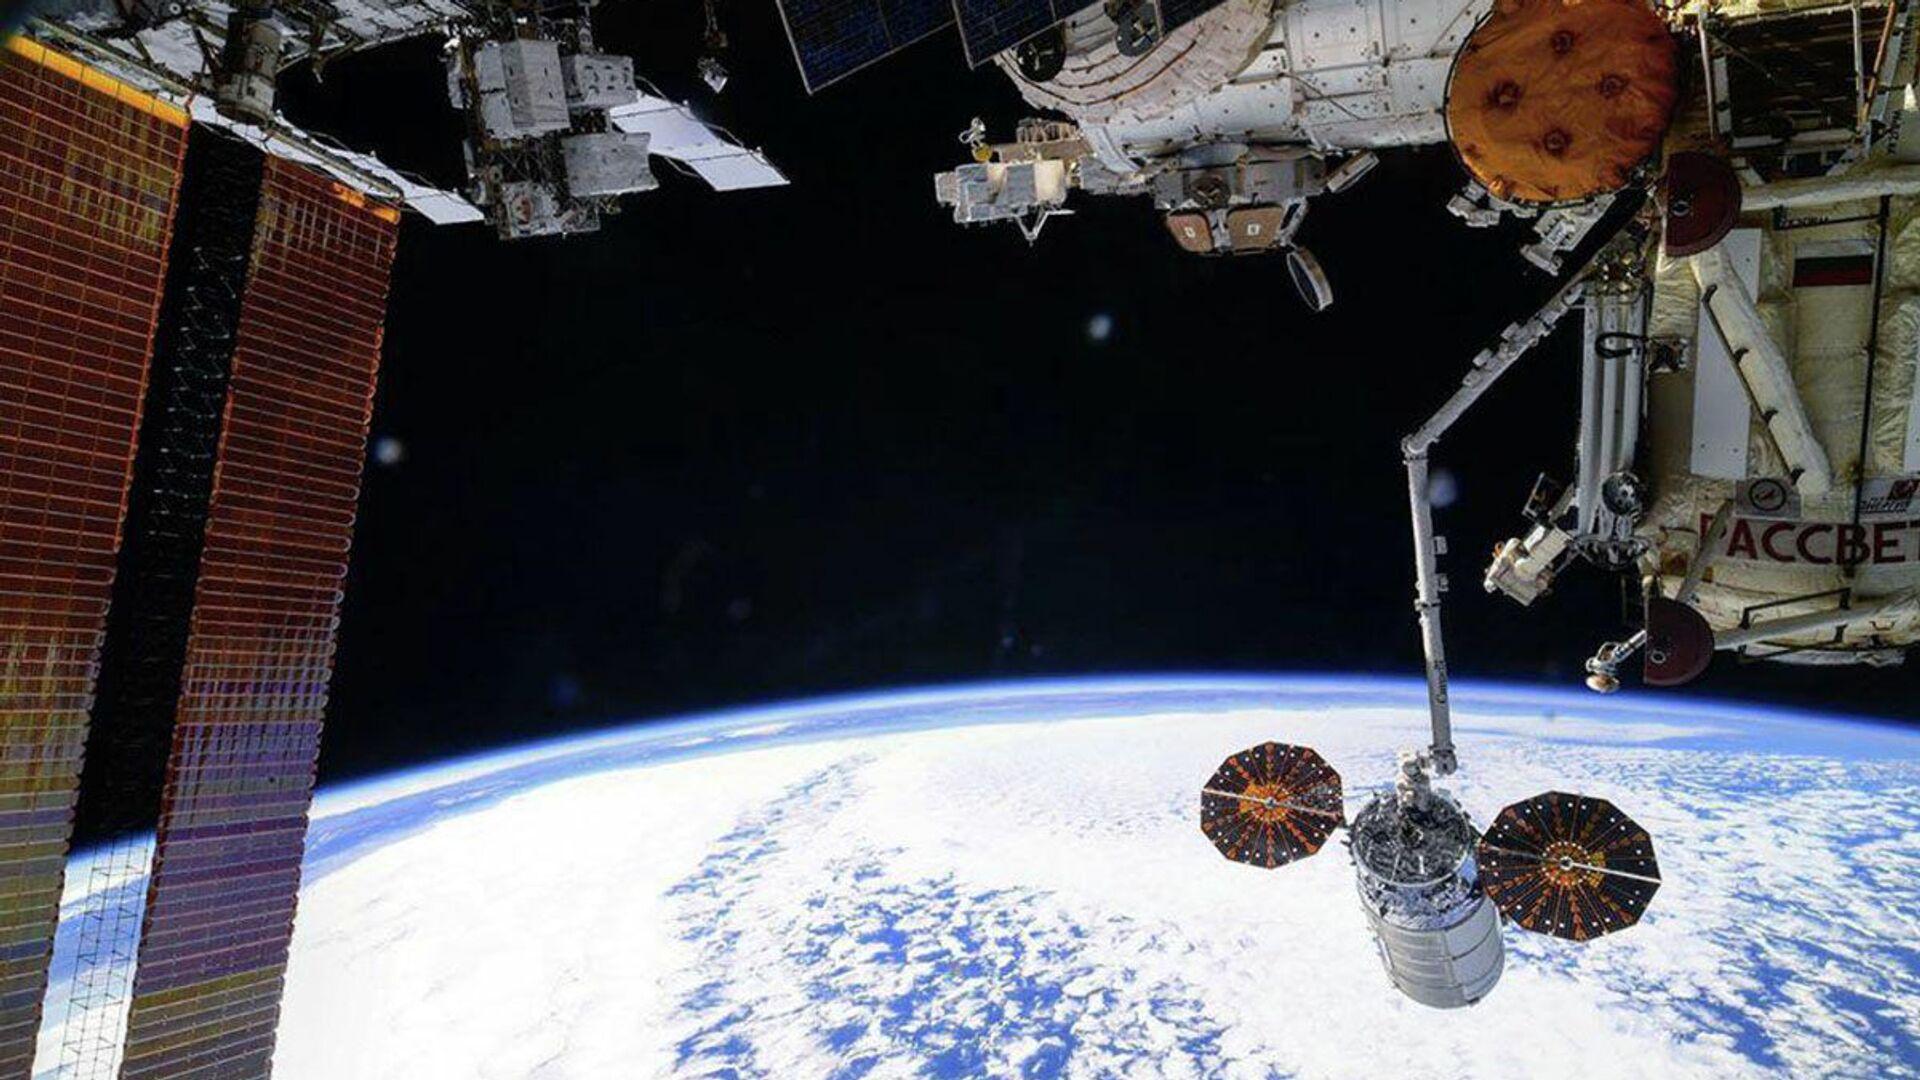 Odvajanje teretnog svemirskog broda Cignus od Međunarodne svemirske stanice - Sputnik Srbija, 1920, 29.07.2021